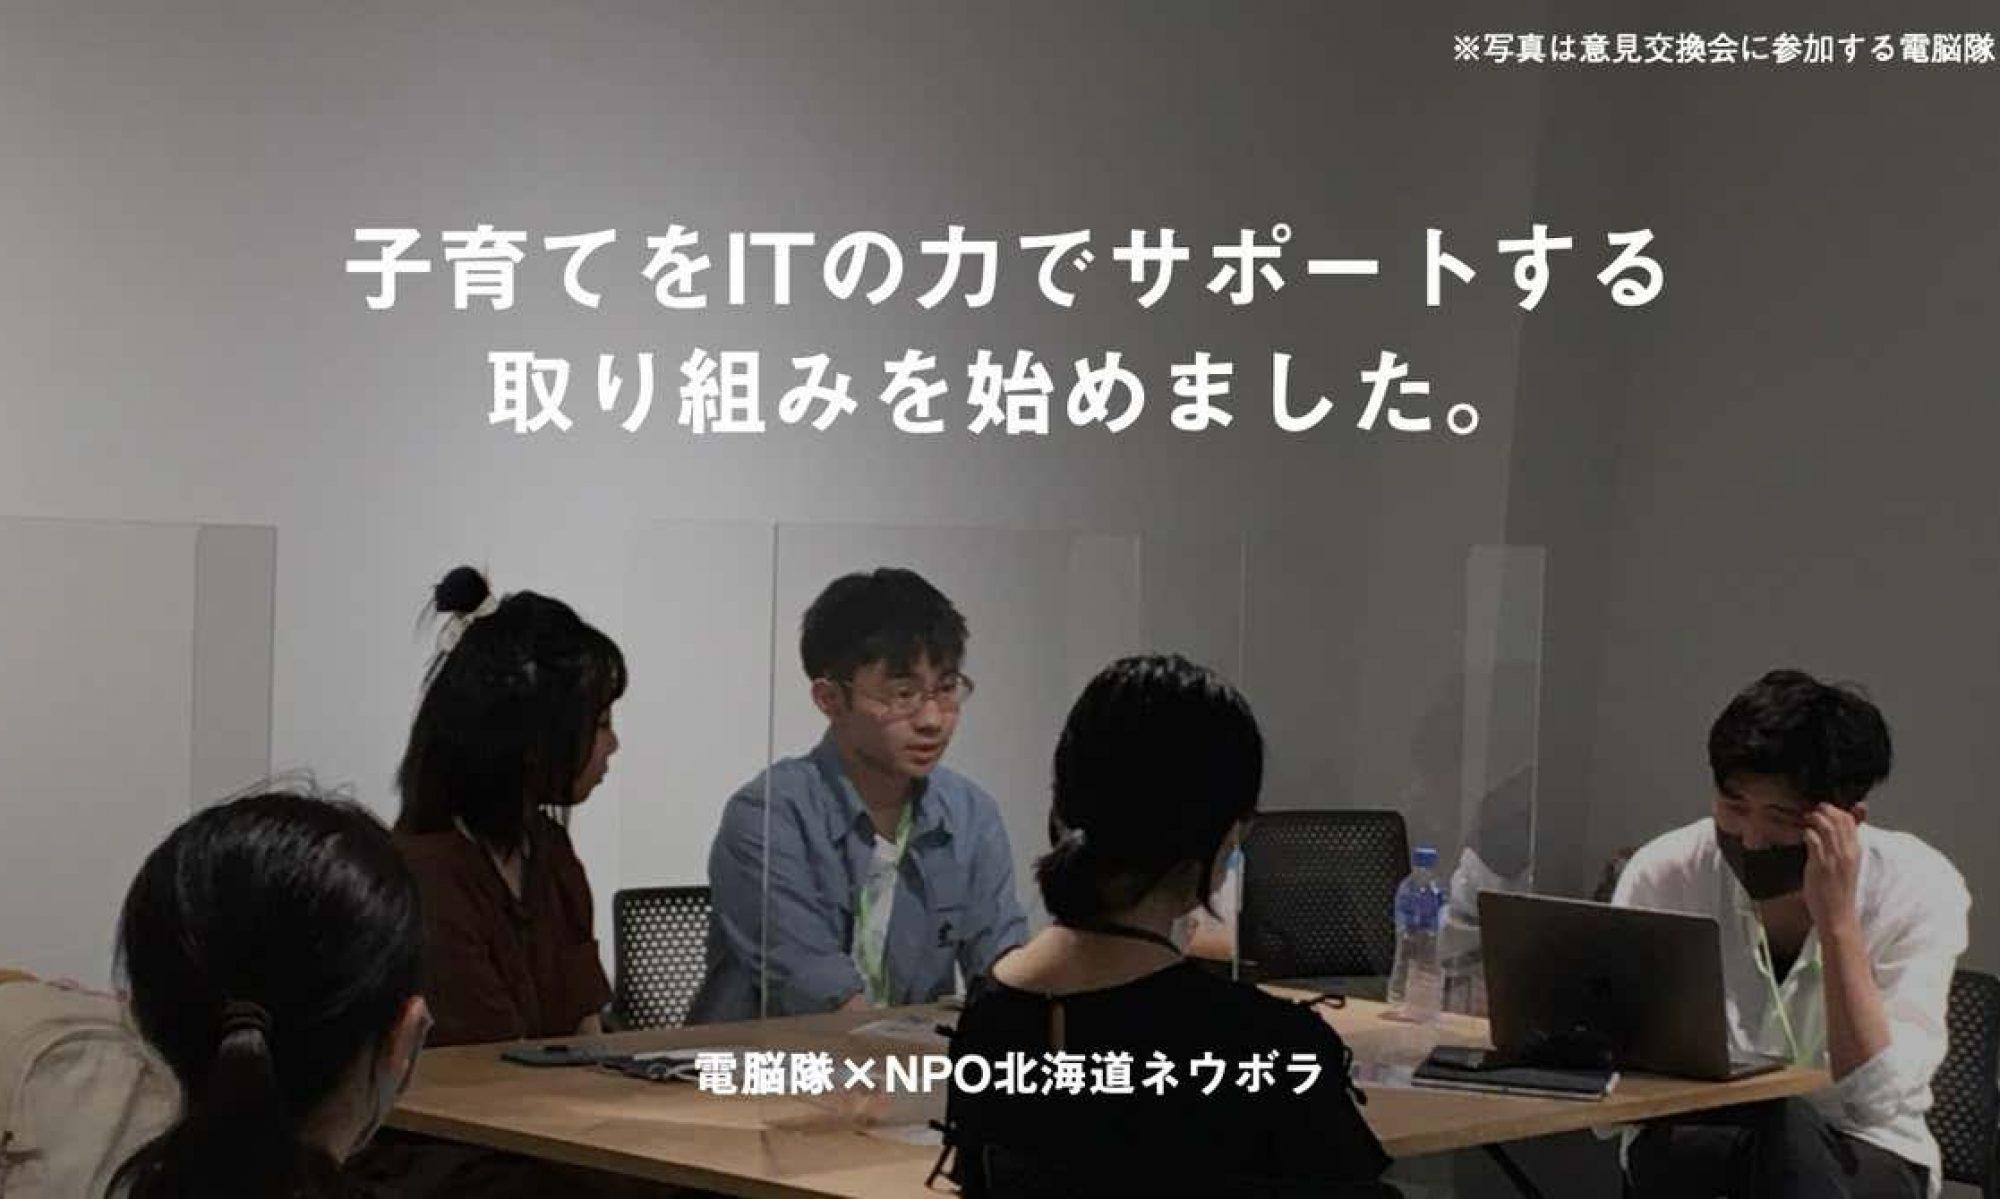 電脳隊×NPO北海道ネウボラ